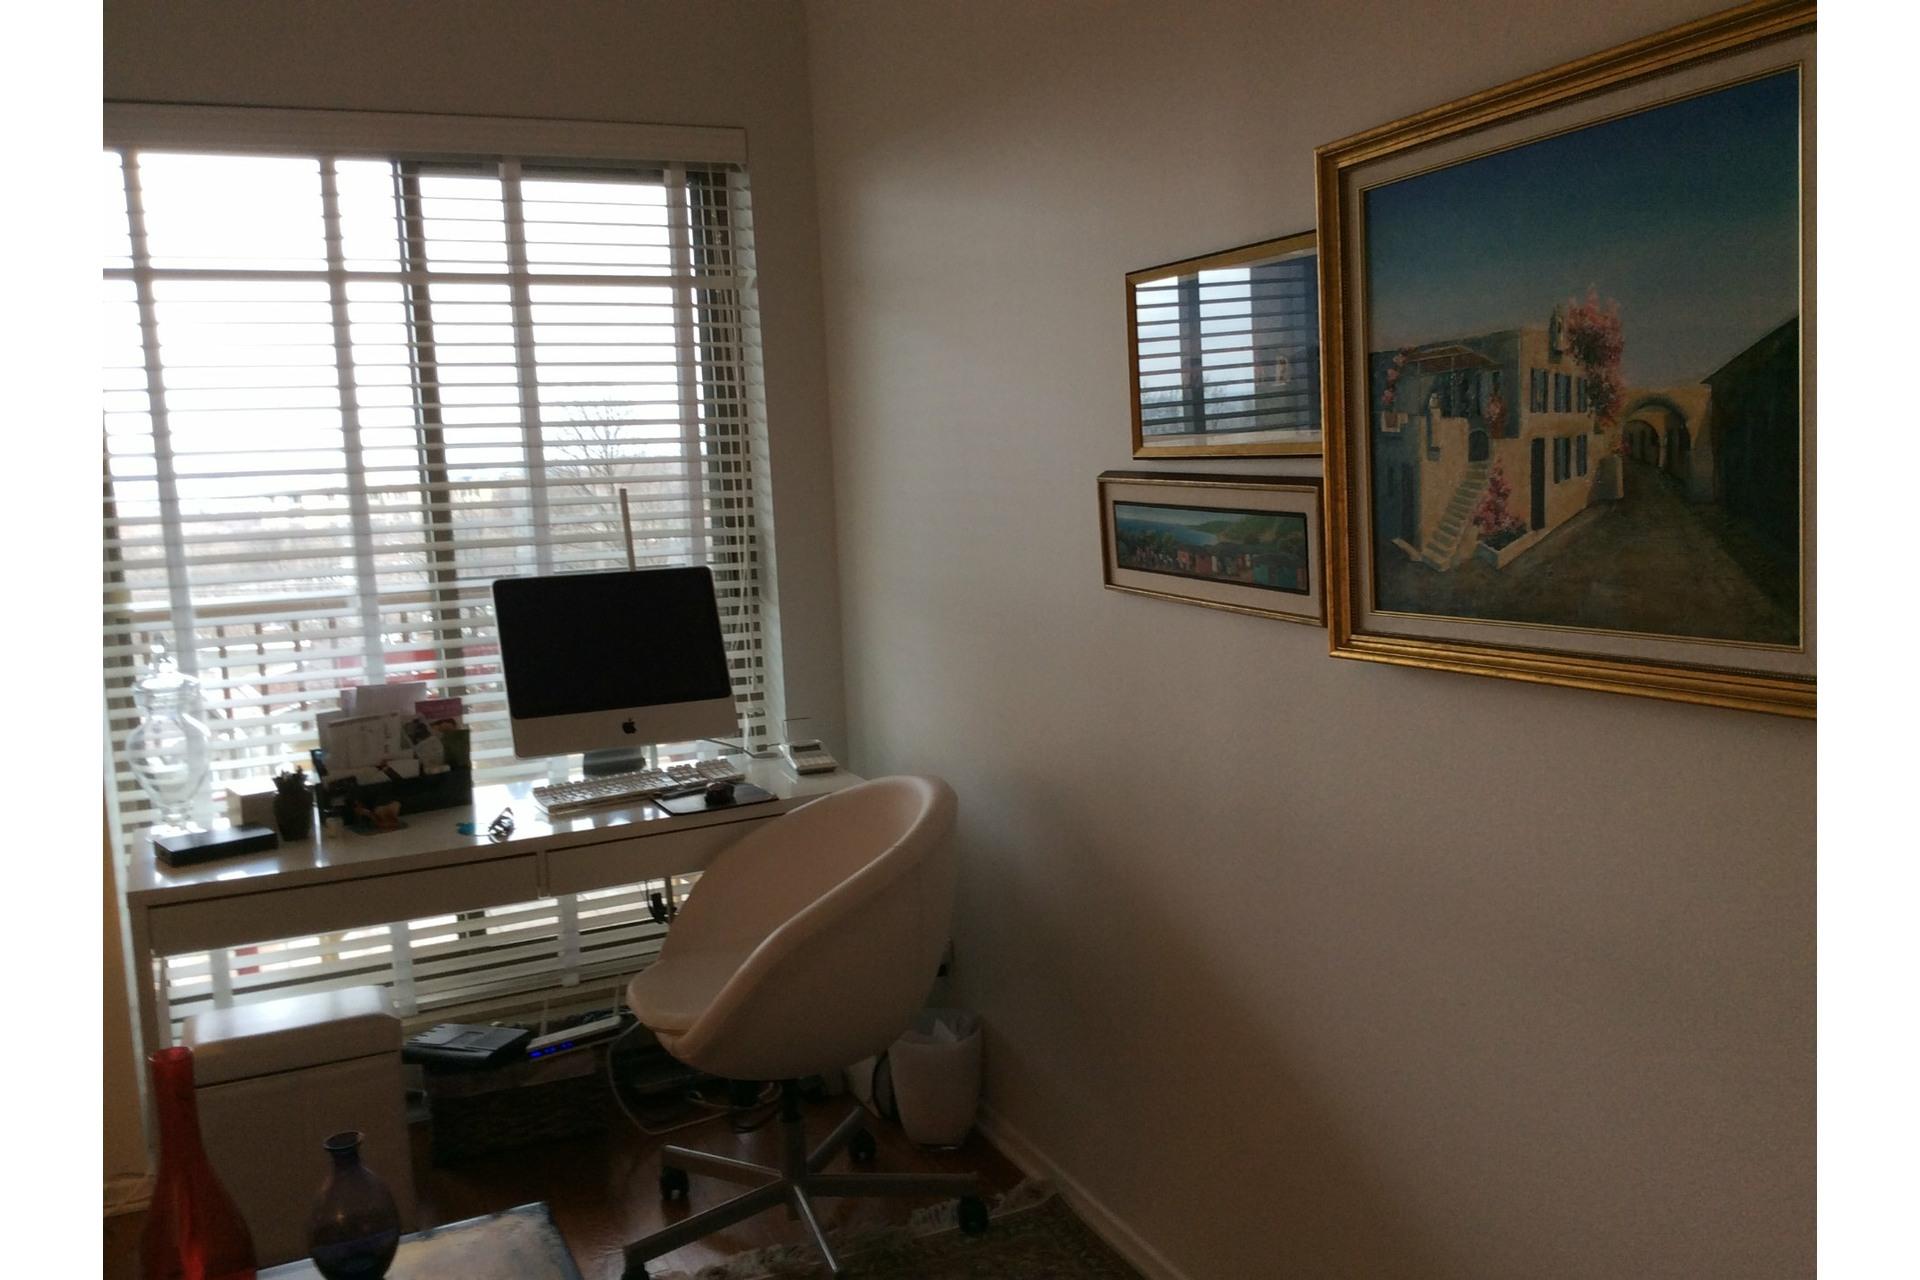 image 25 - Apartment For rent Côte-des-Neiges/Notre-Dame-de-Grâce Montréal  - 5 rooms